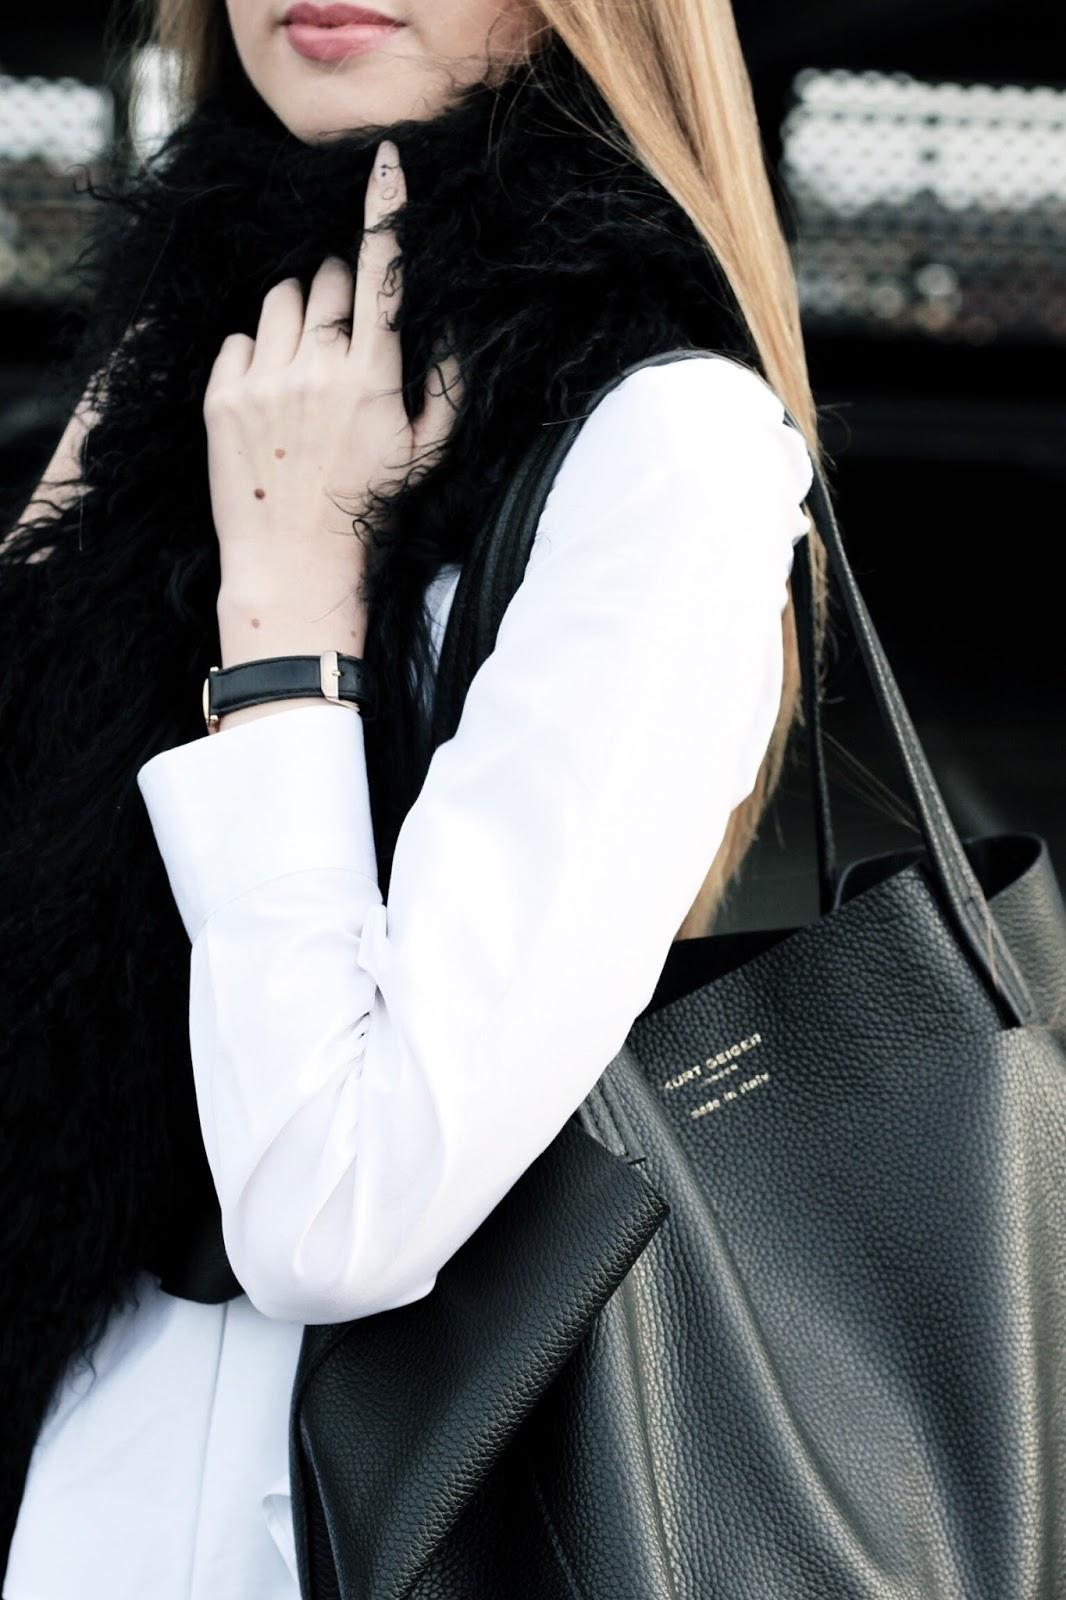 UK Minimal Fashion and Style Blogger